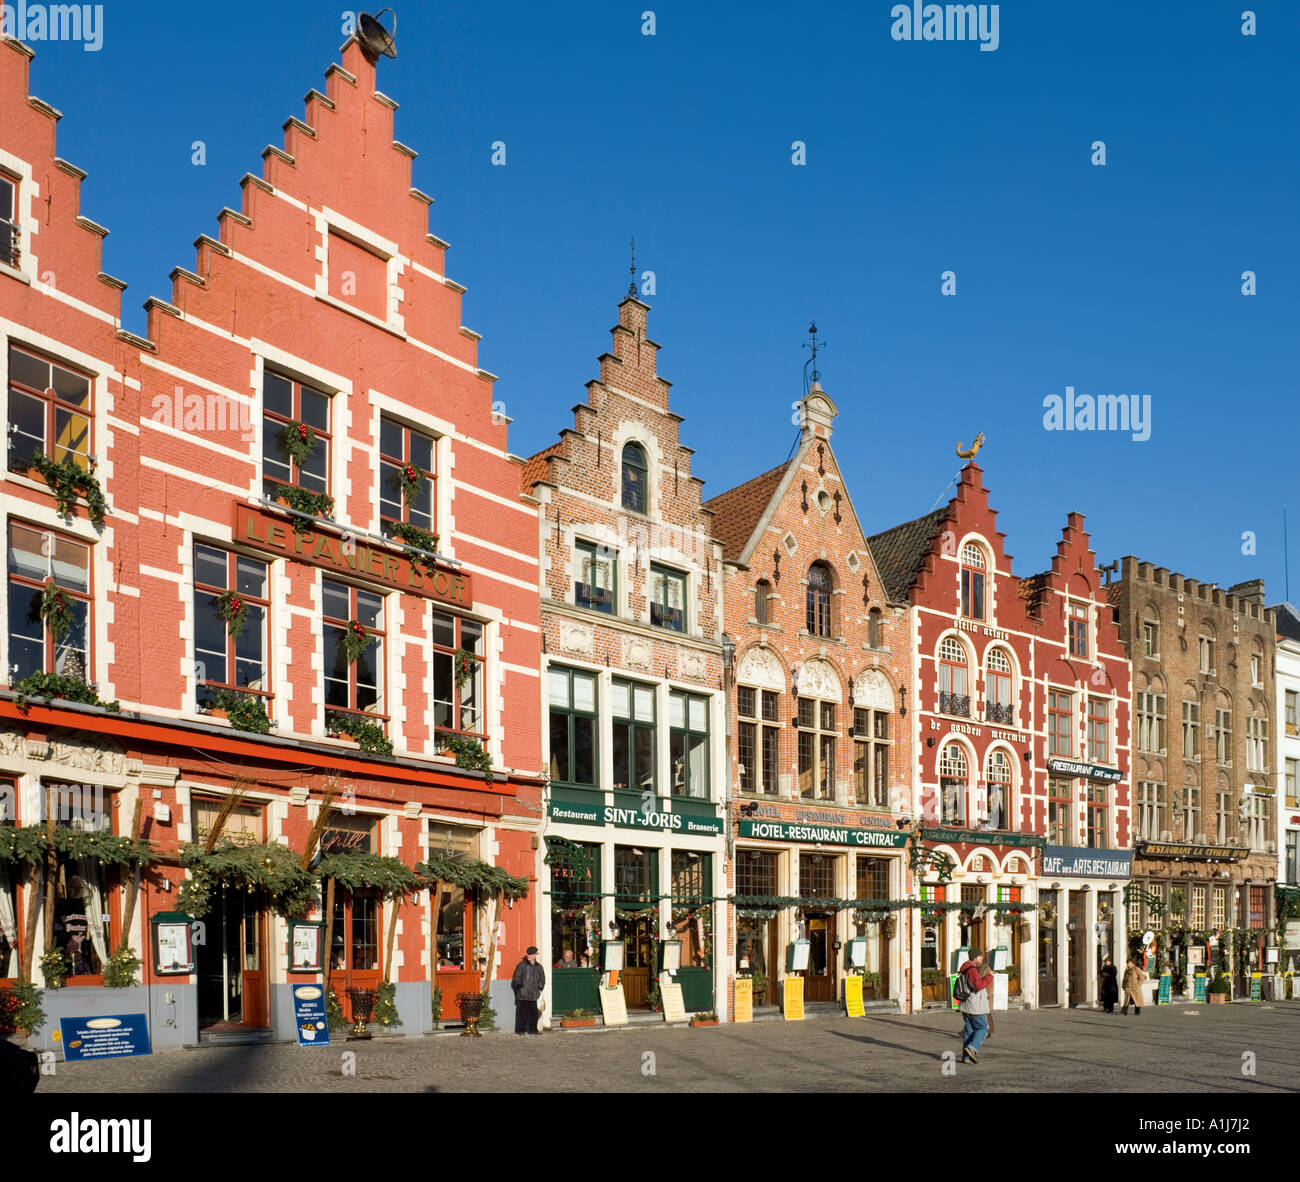 Main Square (Markt) in winter, Bruges, Belgium - Stock Image